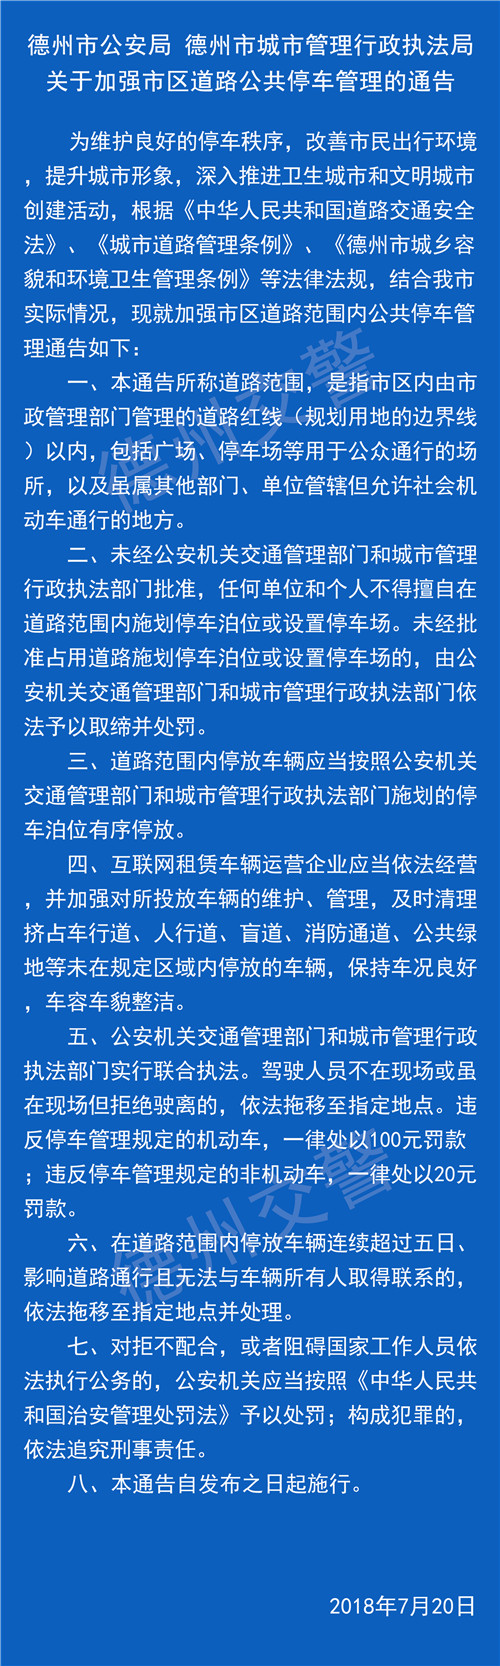 http://www.zgmaimai.cn/jingyingguanli/67176.html